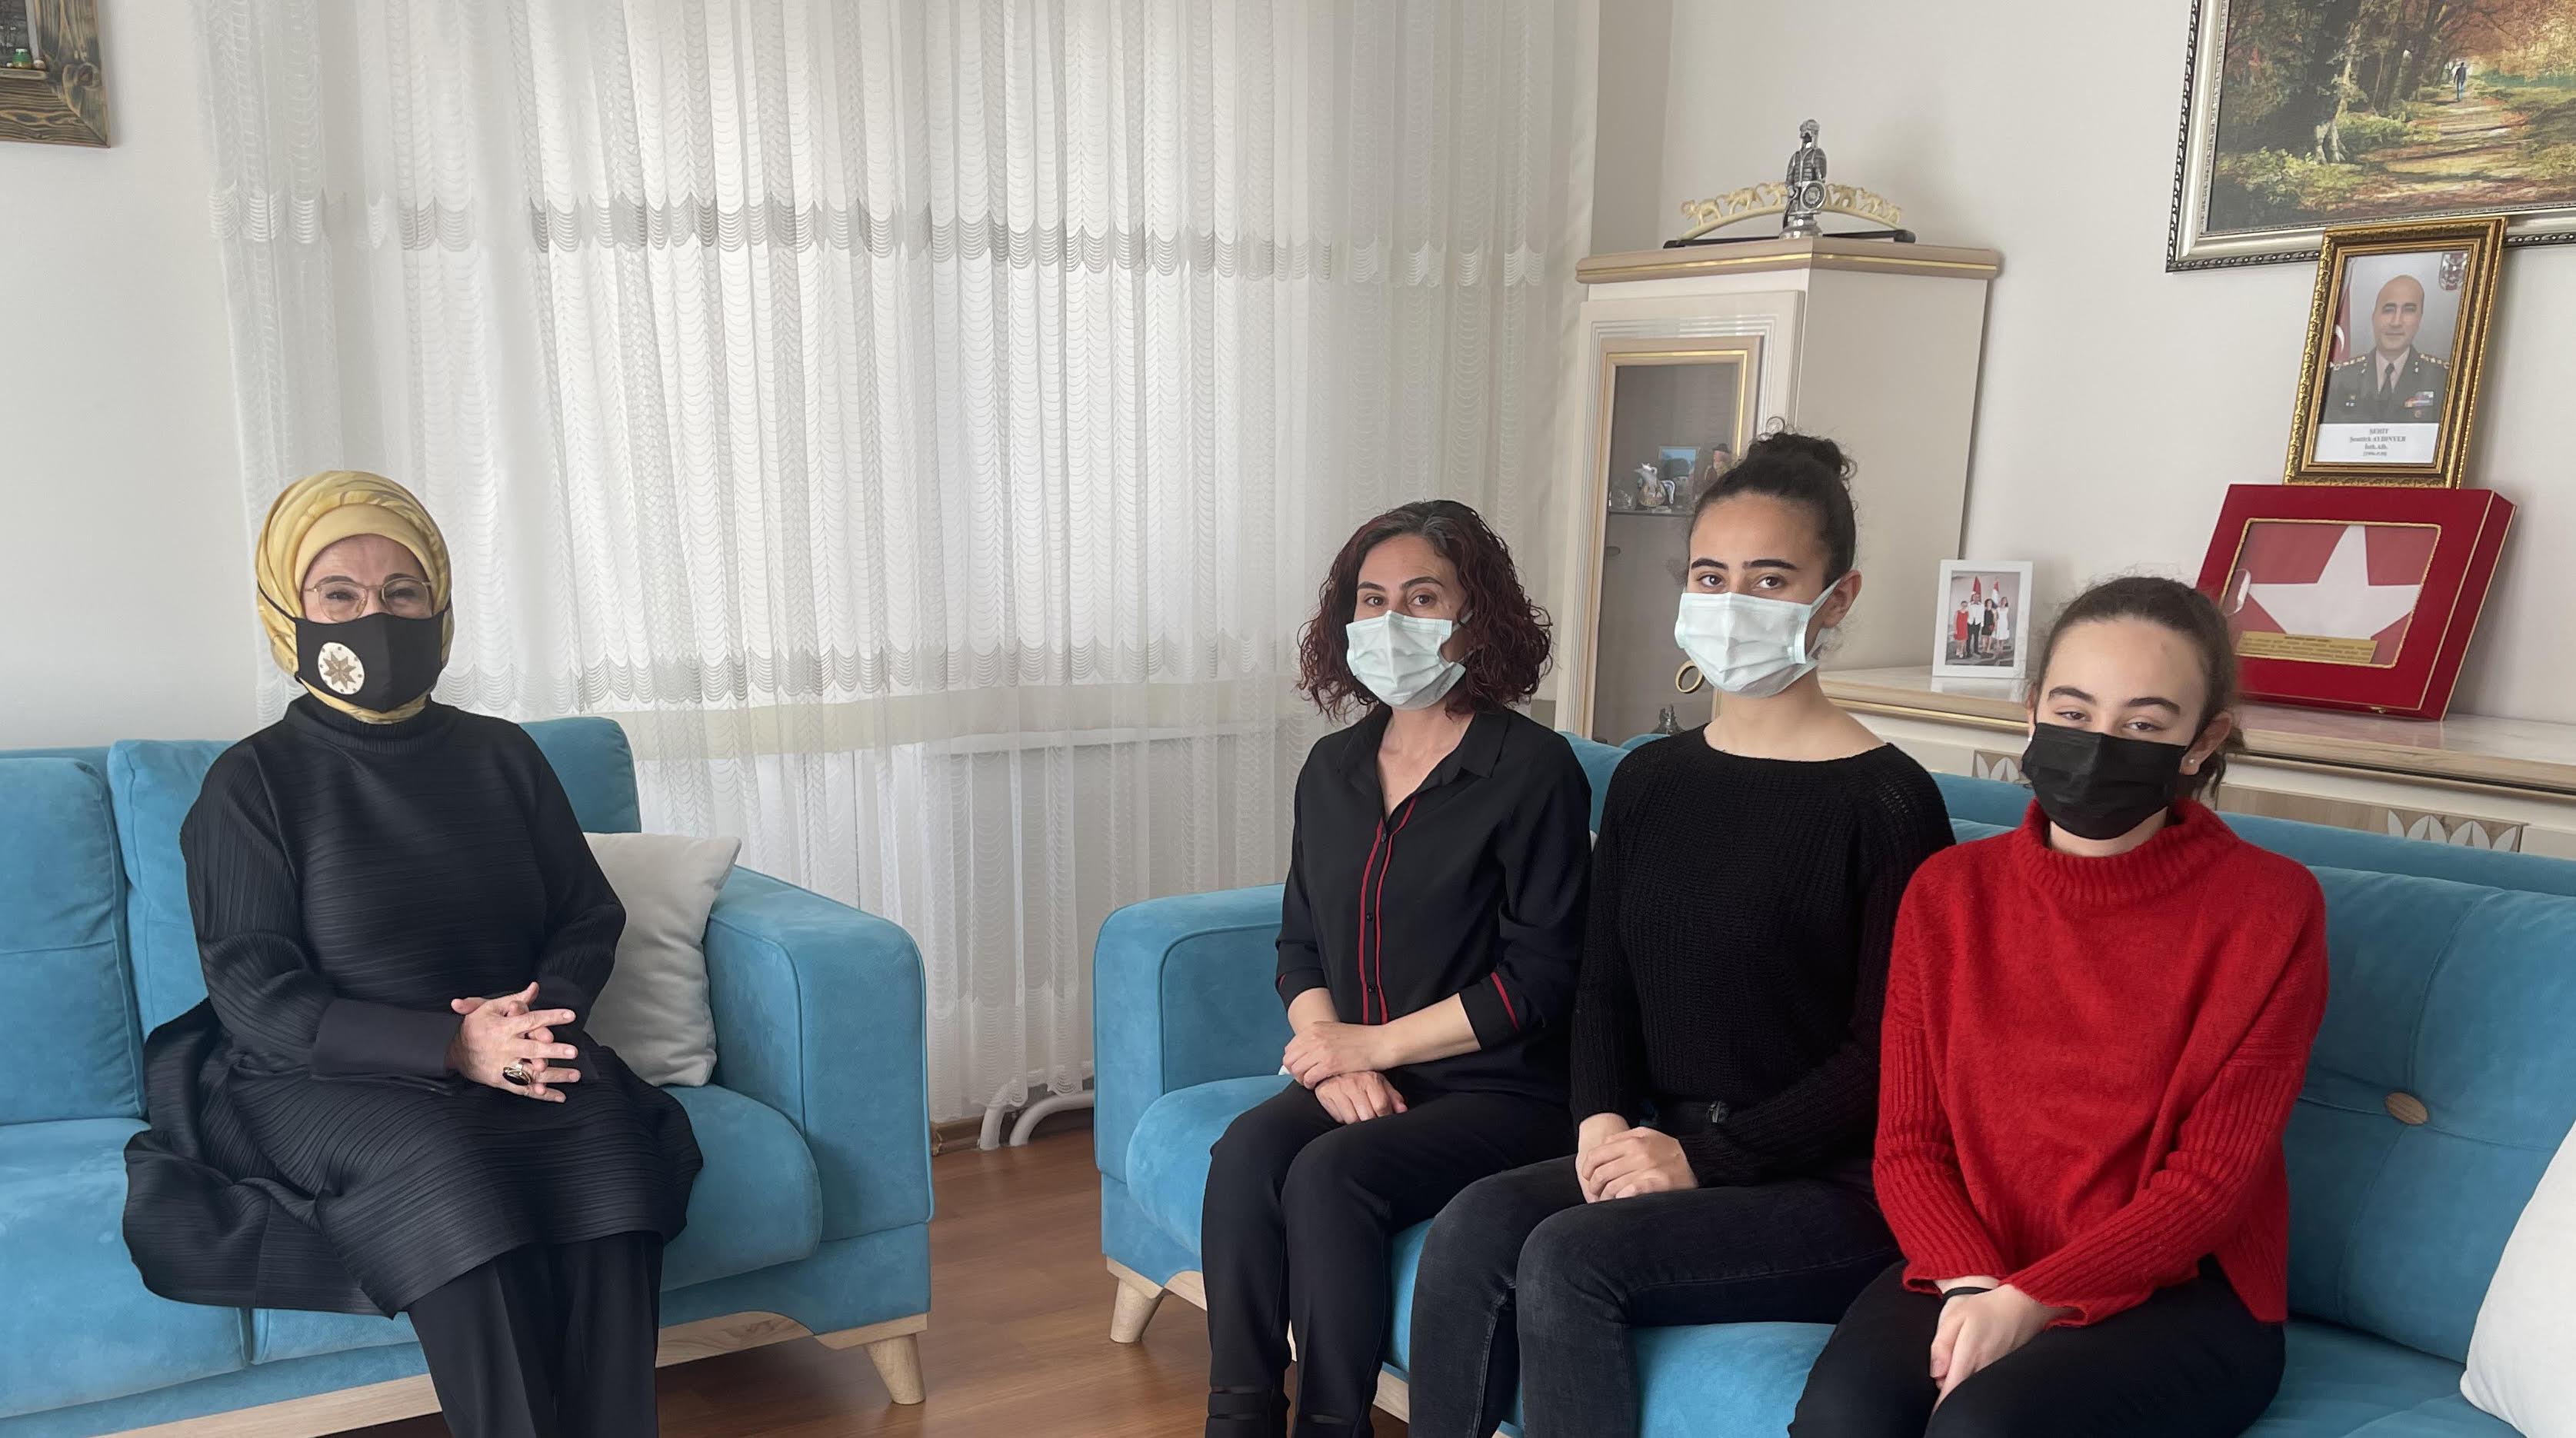 Bitlis şehidimize taziye! Emine Erdoğan, şehit ailesini ziyaret etti